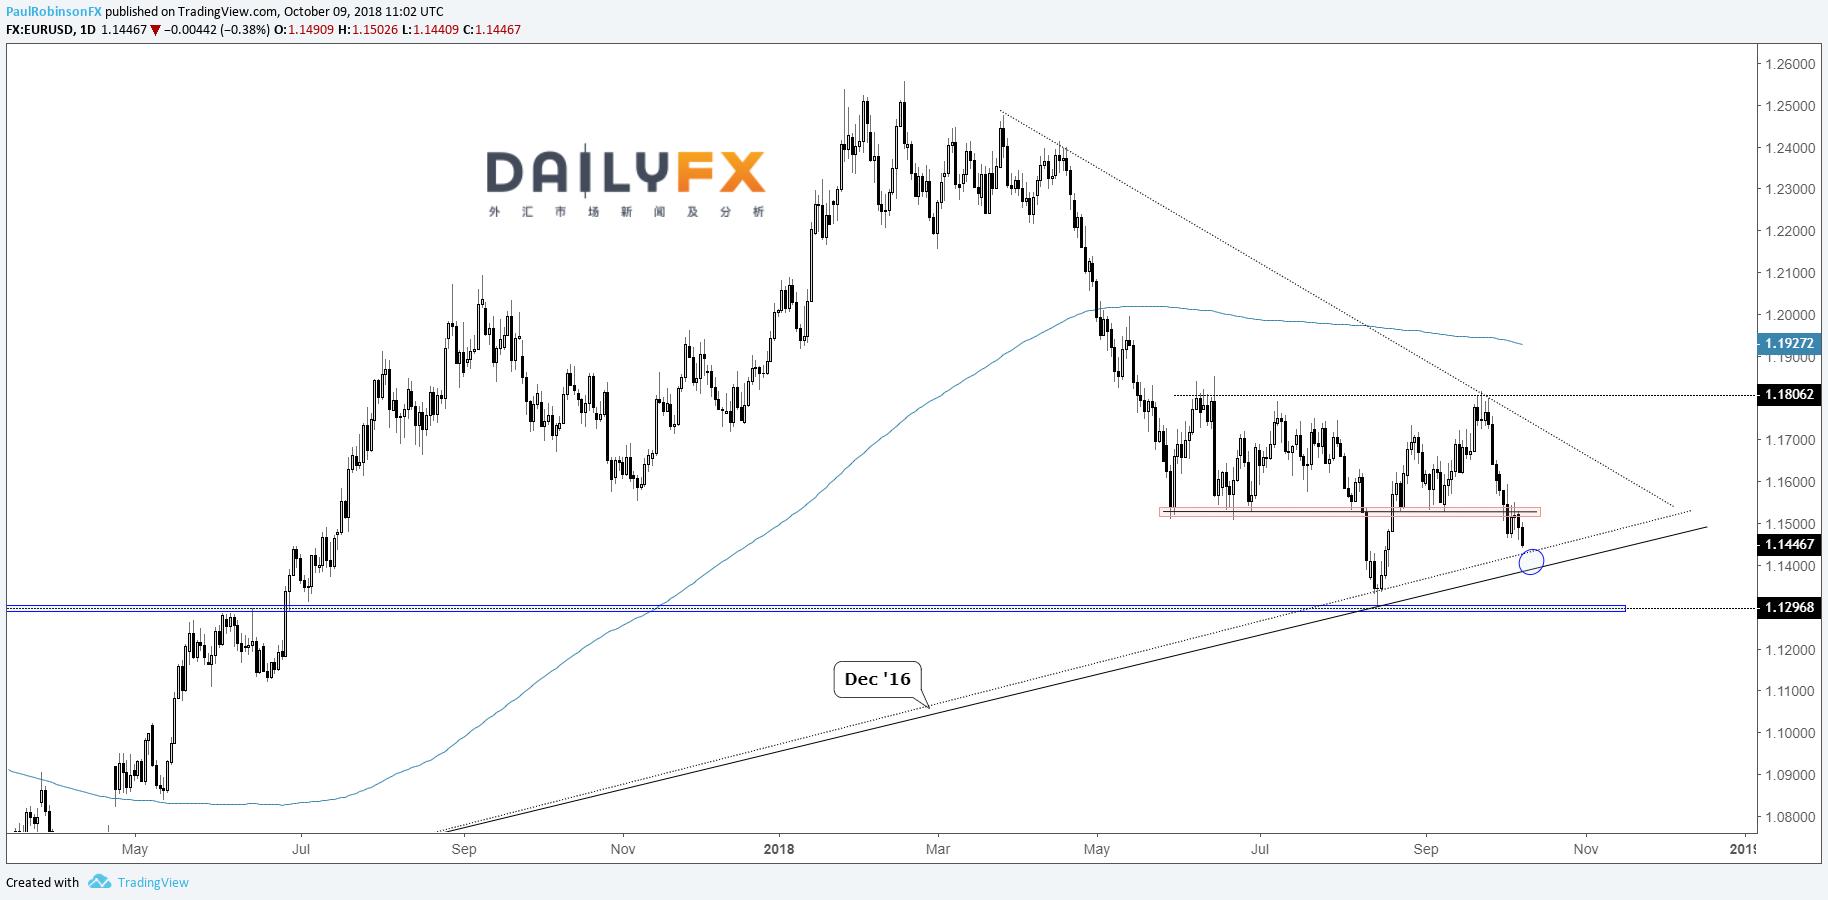 美元指數有望進一步走高,歐元/美元跌破1.15或測試支撐線